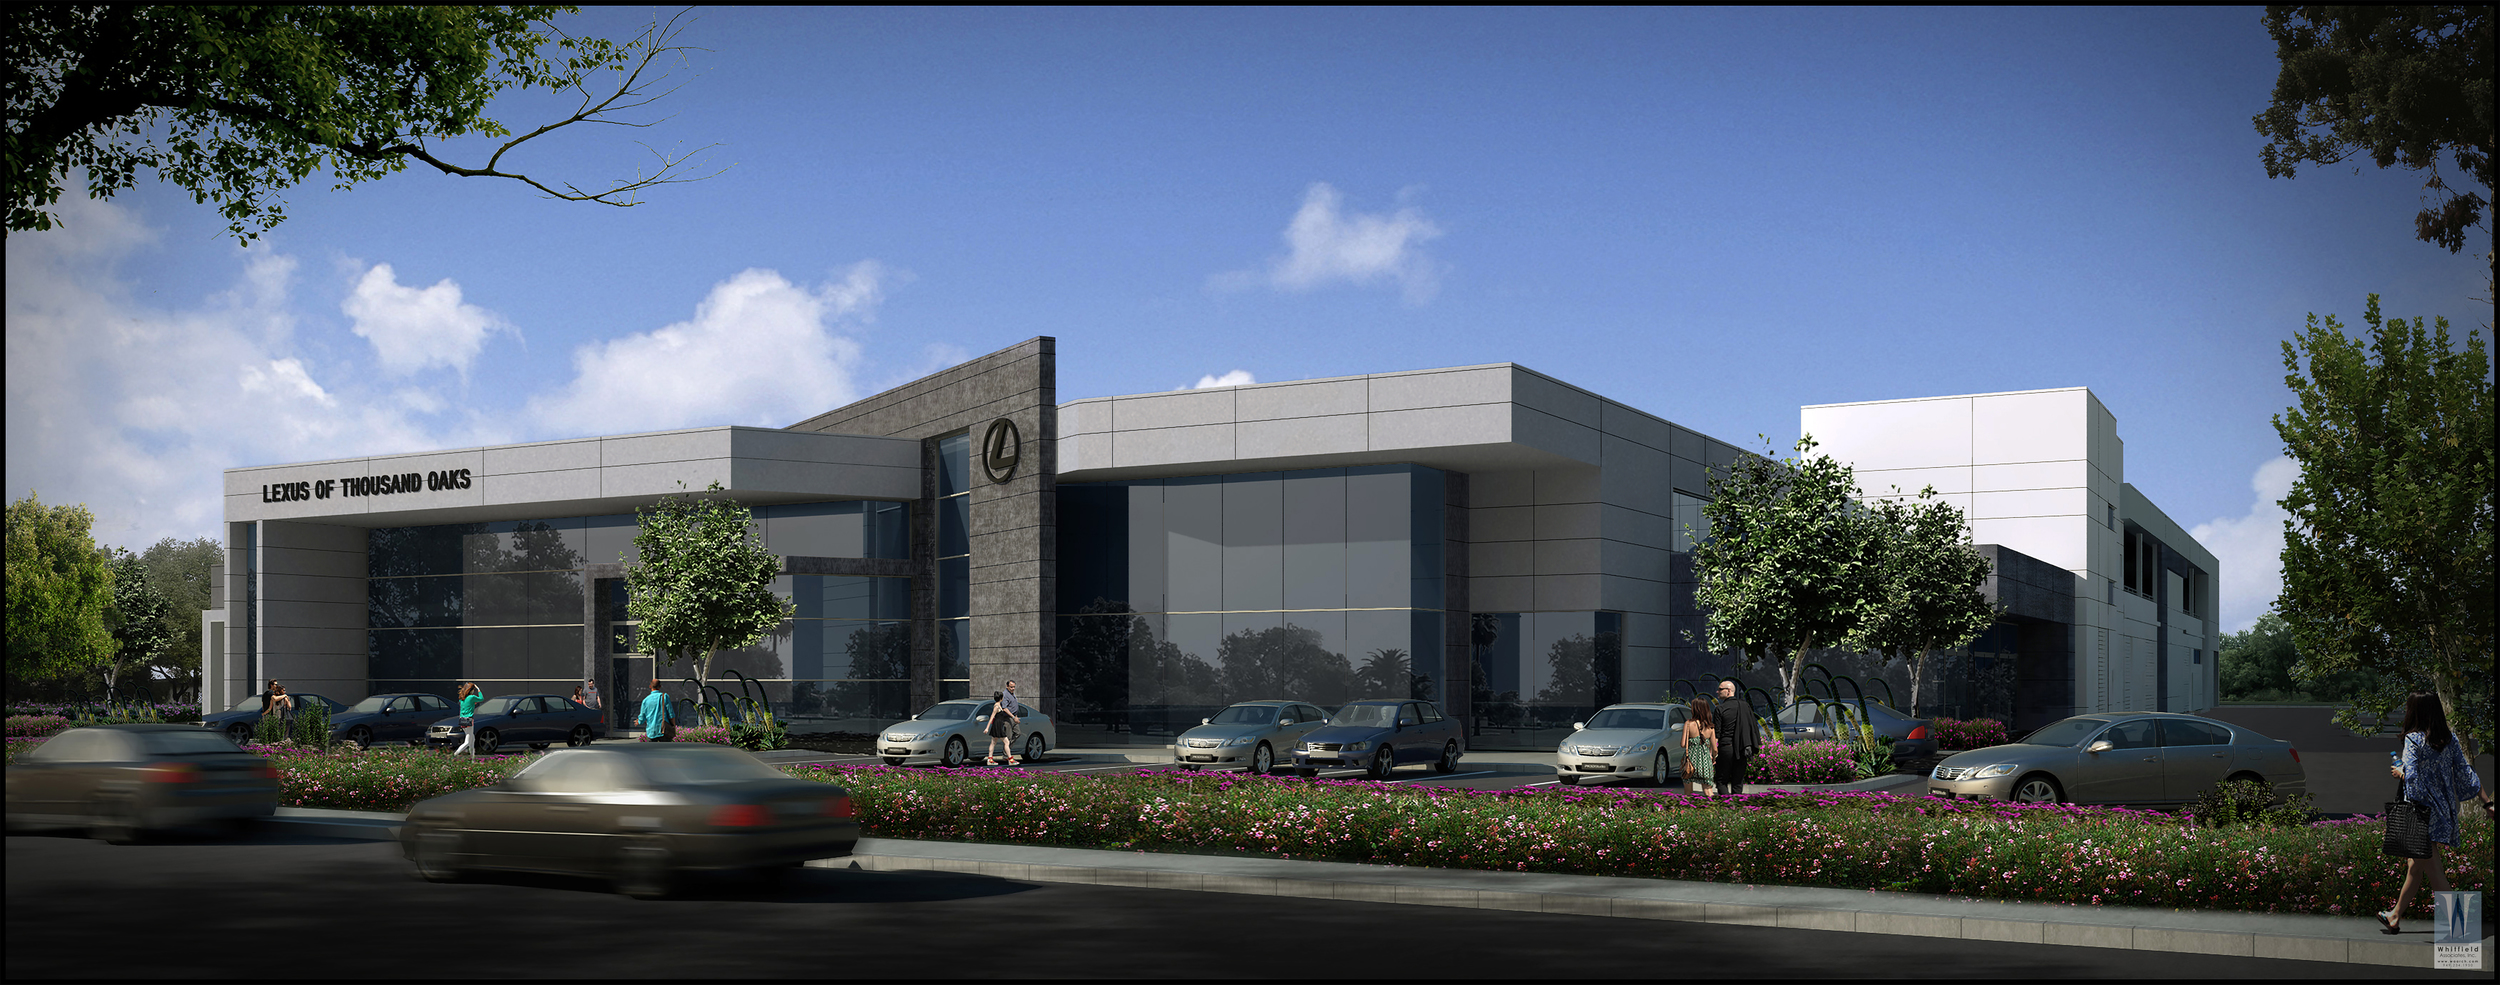 Lexus Thousand Oaks